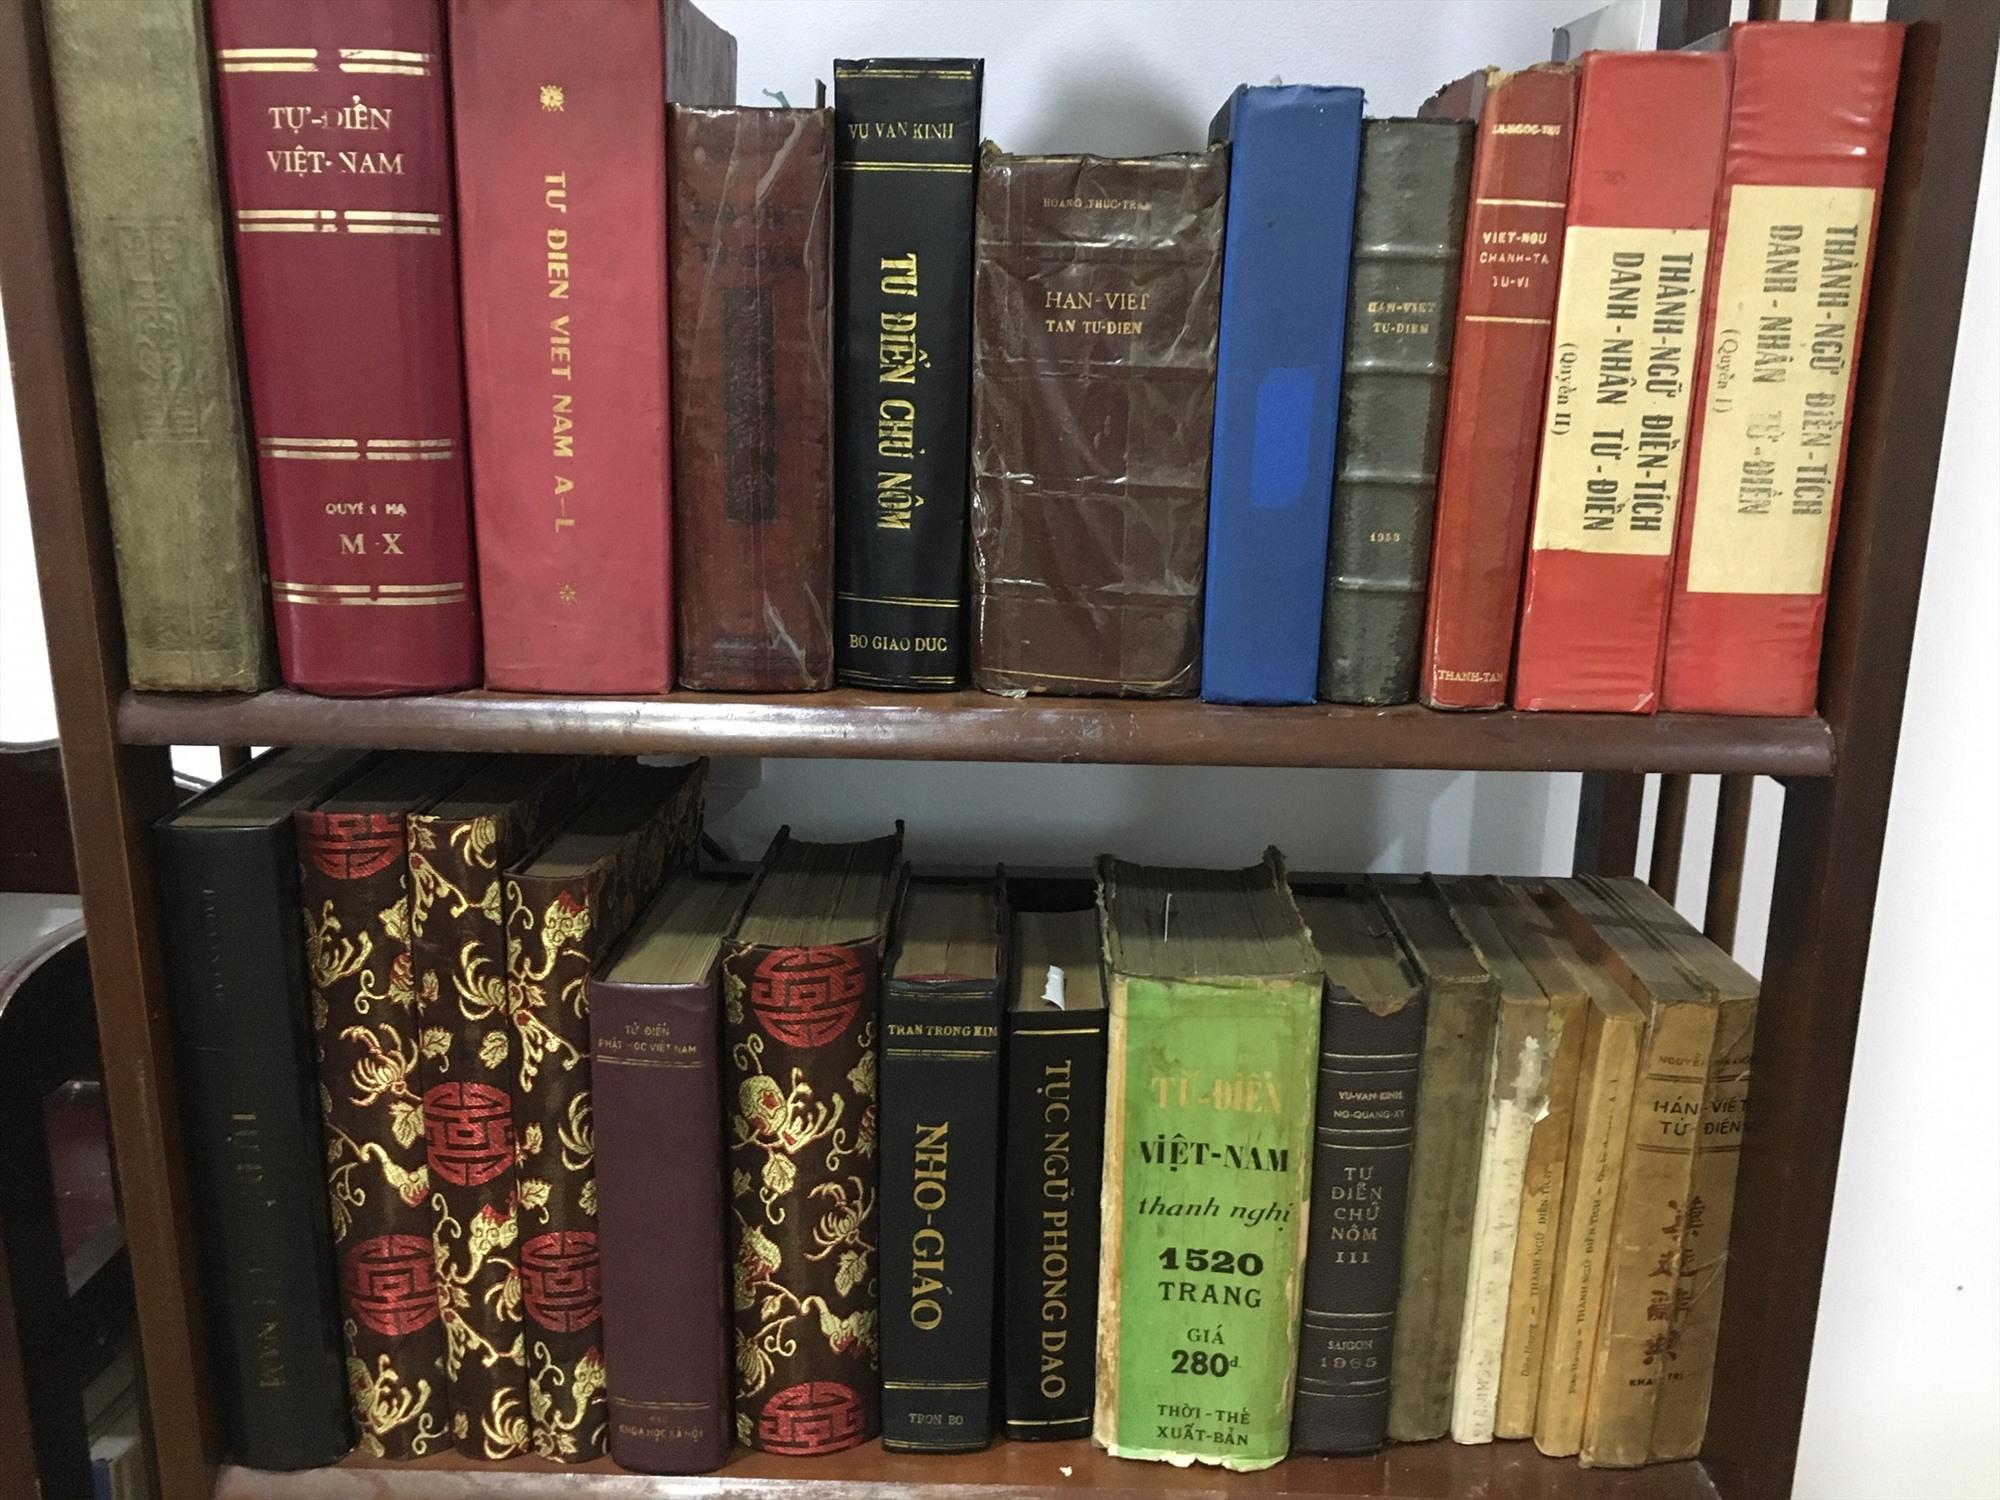 Các bộ tự điển có giá trị như một kho tàng ngôn ngữ của dân tộc ngày càng trở nên hiếm hoi.